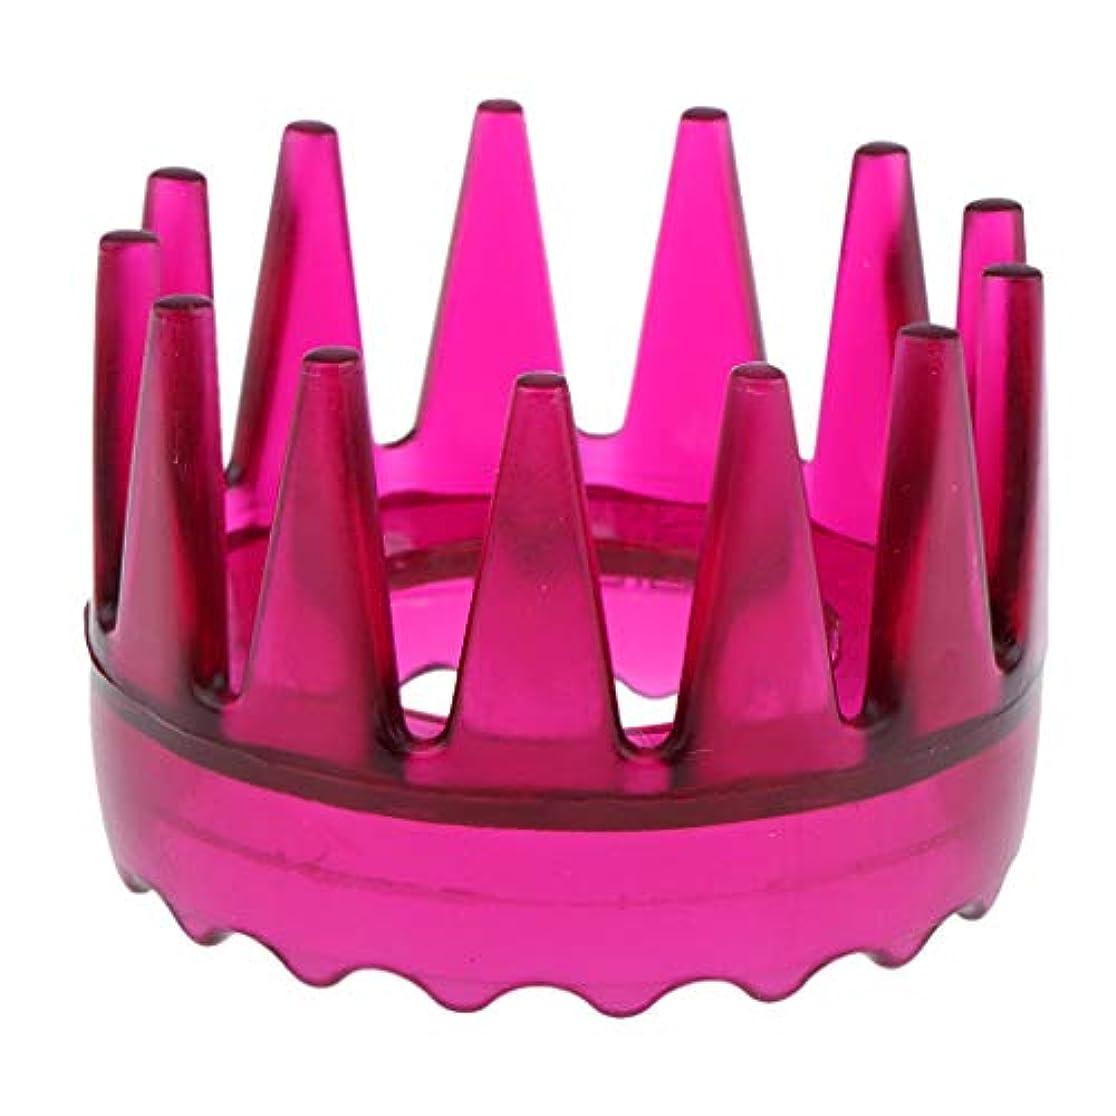 アボートエンジニアリング普遍的なT TOOYFUL 頭皮マッサージブラシ ヘアブラシ ヘアコーム ヘアケア シャワー 洗髪櫛 滑り止め 全4色 - ローズレッド